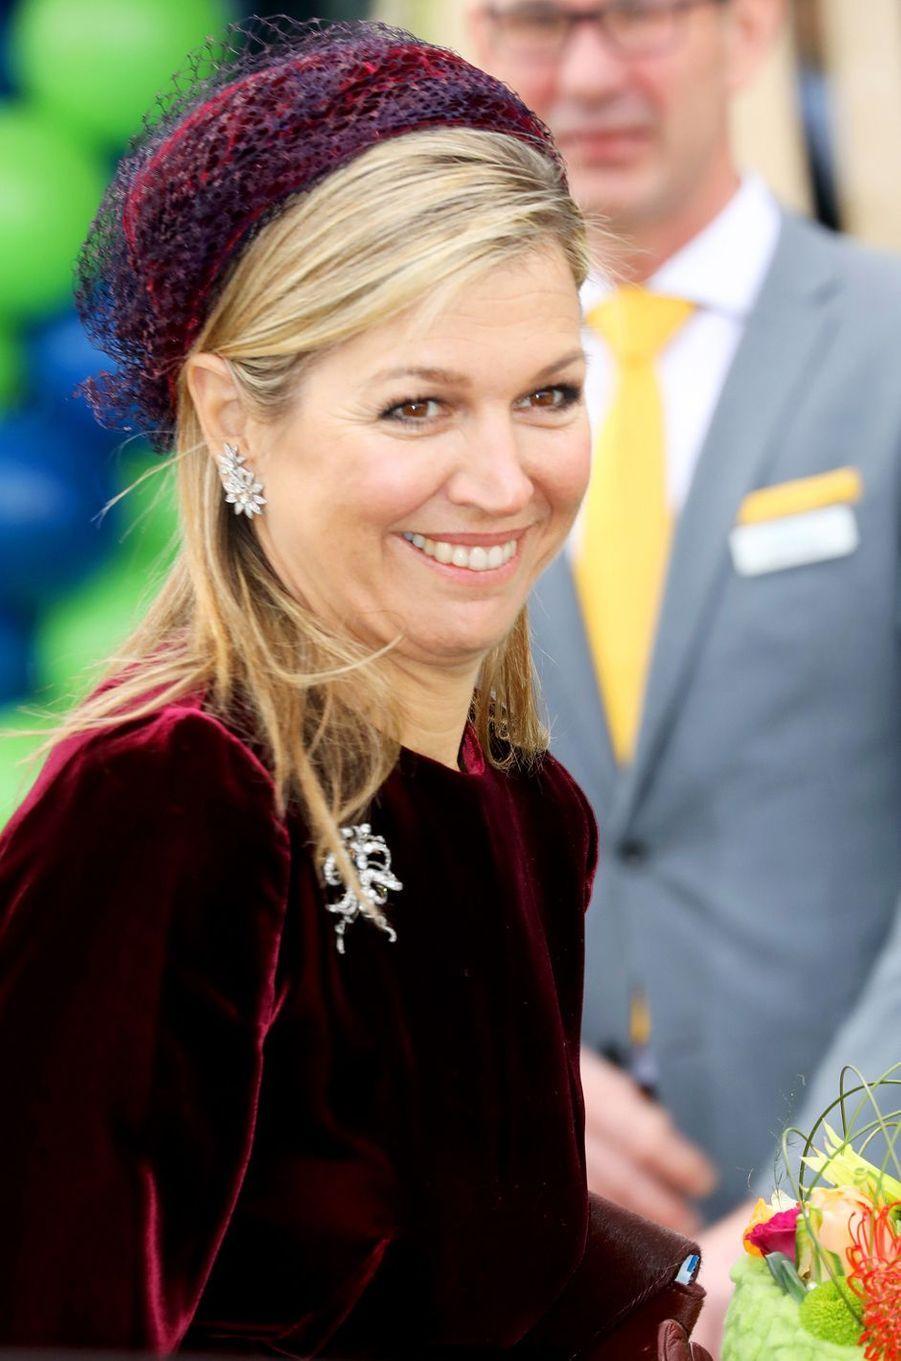 Le bibi de la reine Maxima des Pays-Bas à Westland, le 7 mars 2018